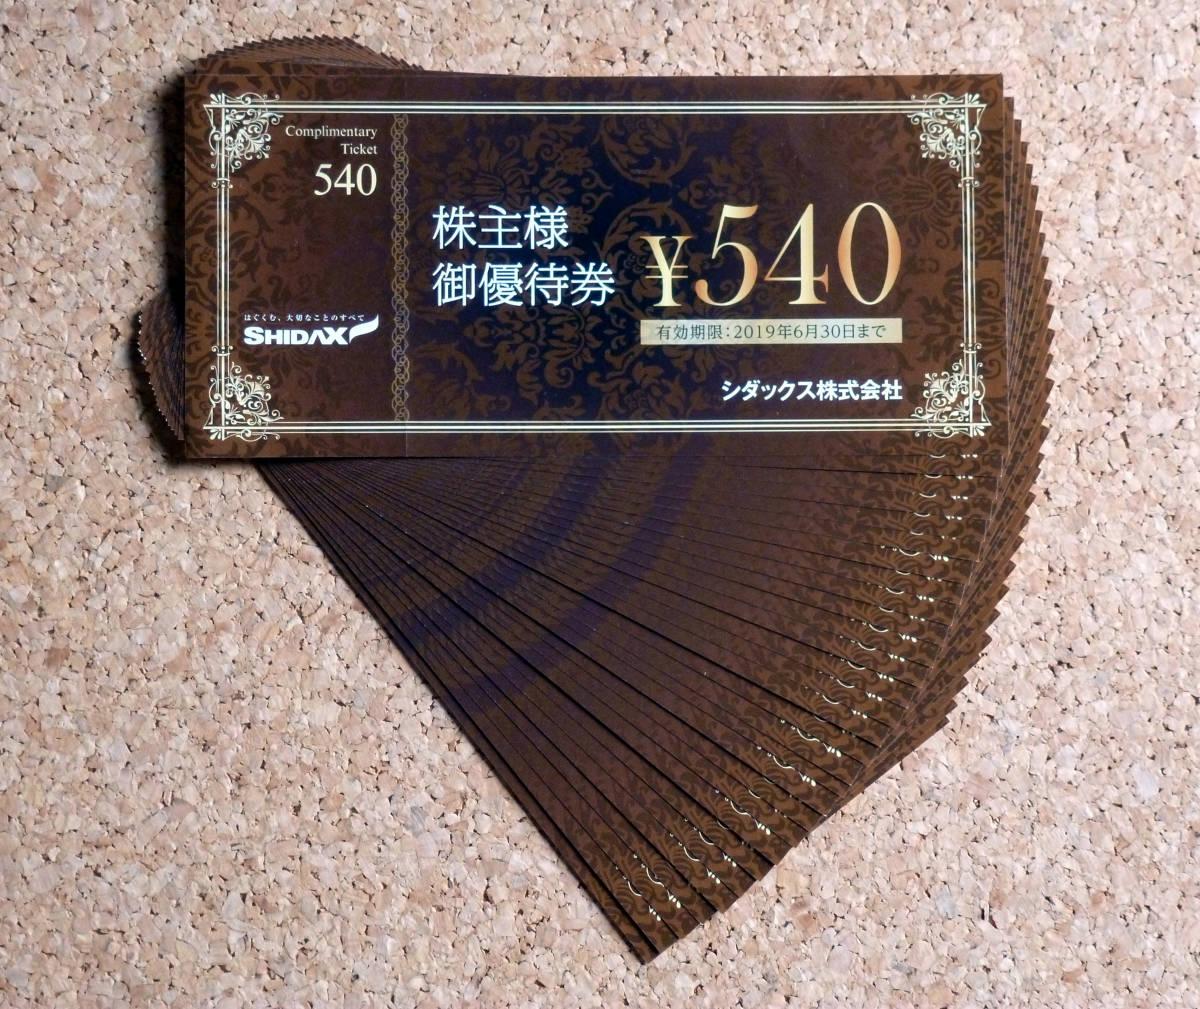 ★送料込★即決★シダックス 株主優待券 540円×25枚セット(13,500円分)★ A